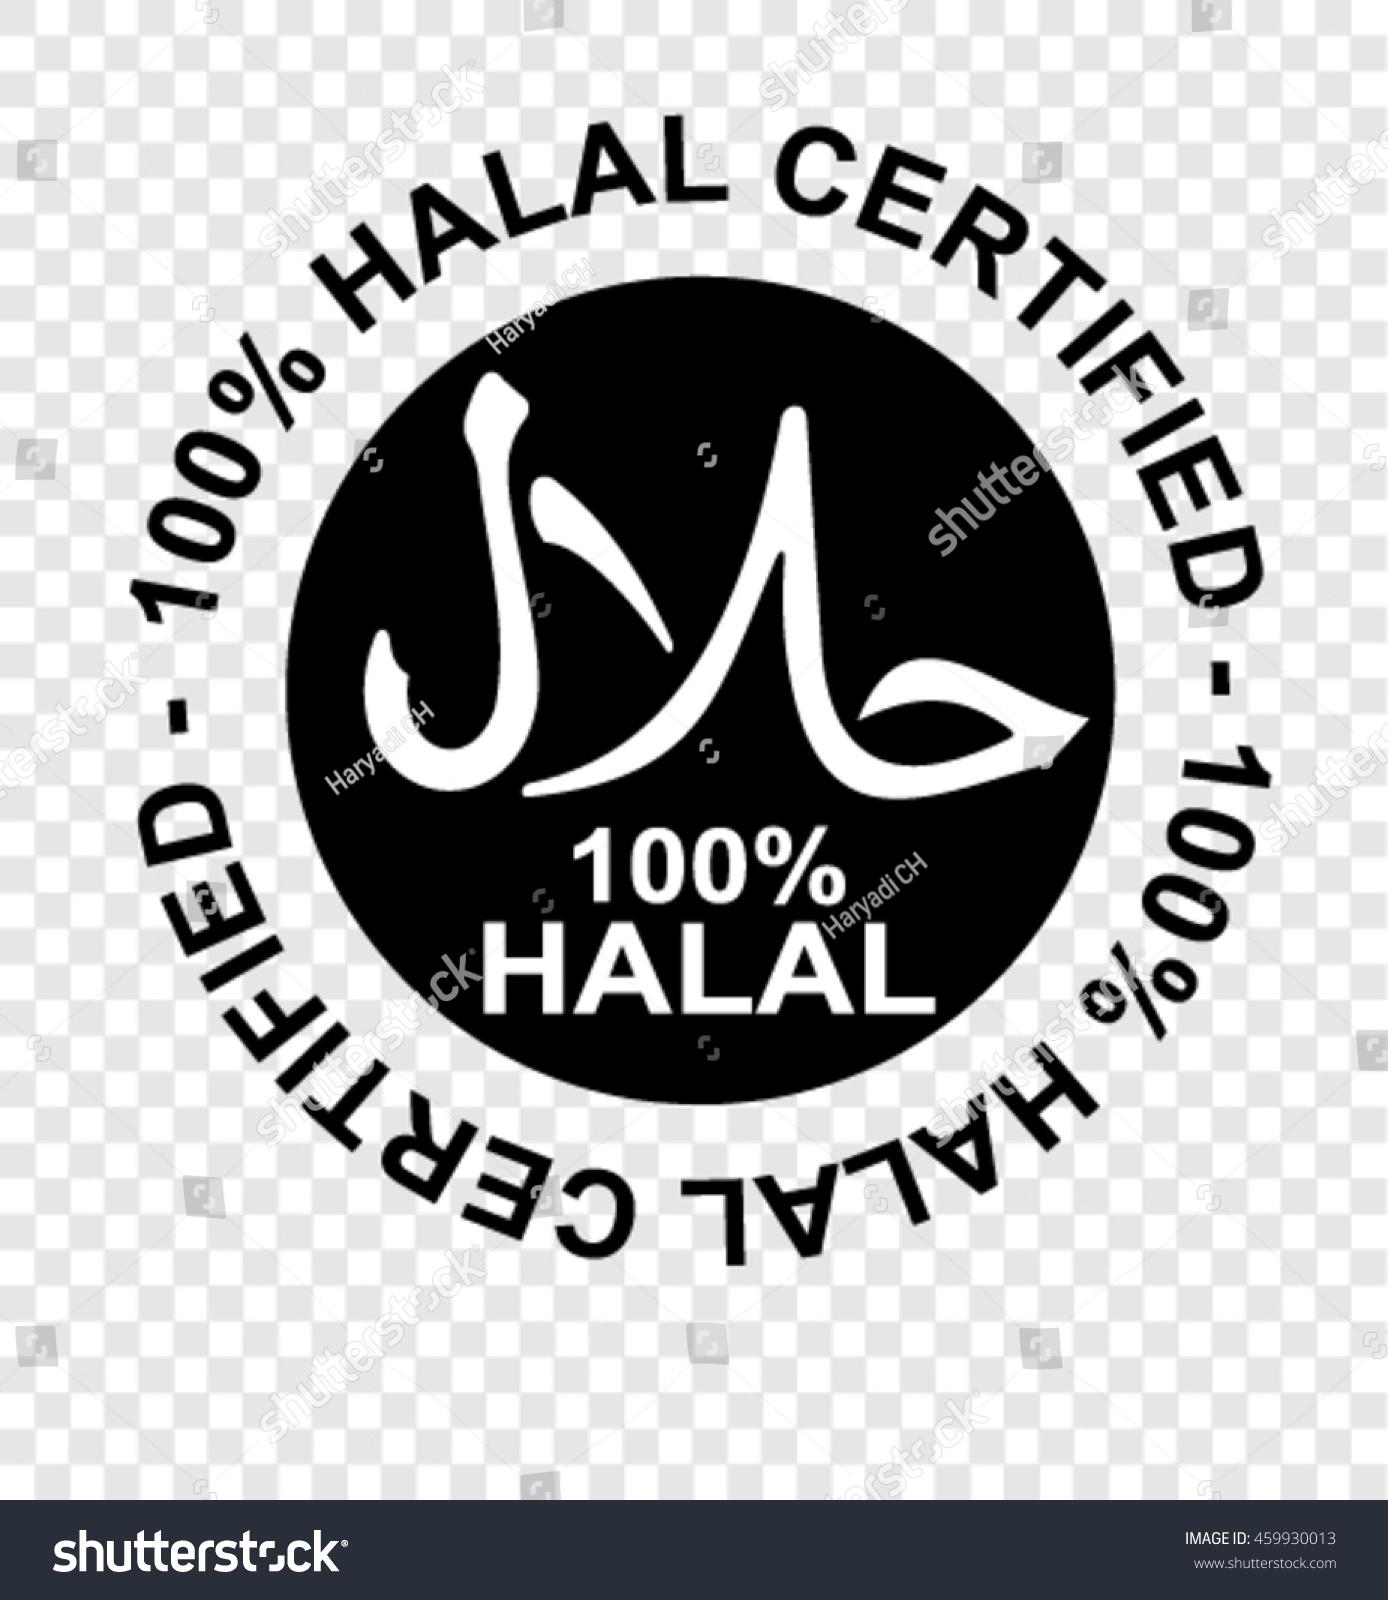 image logo halal